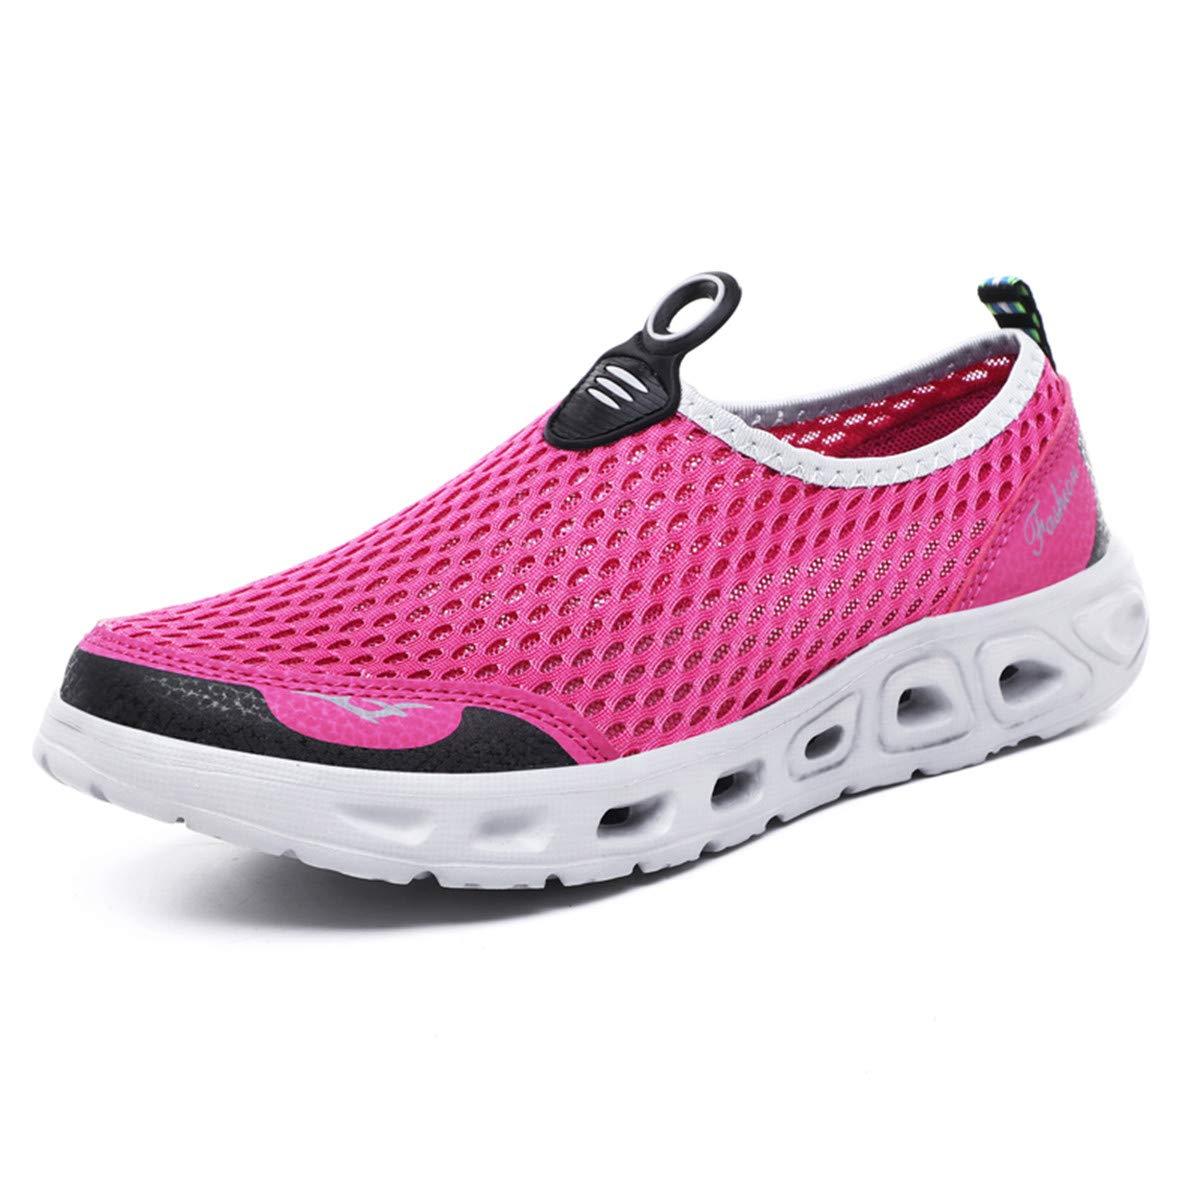 Yasuta Water Shoes Women Men Aqua Shoes Slip-on Quick-Dry